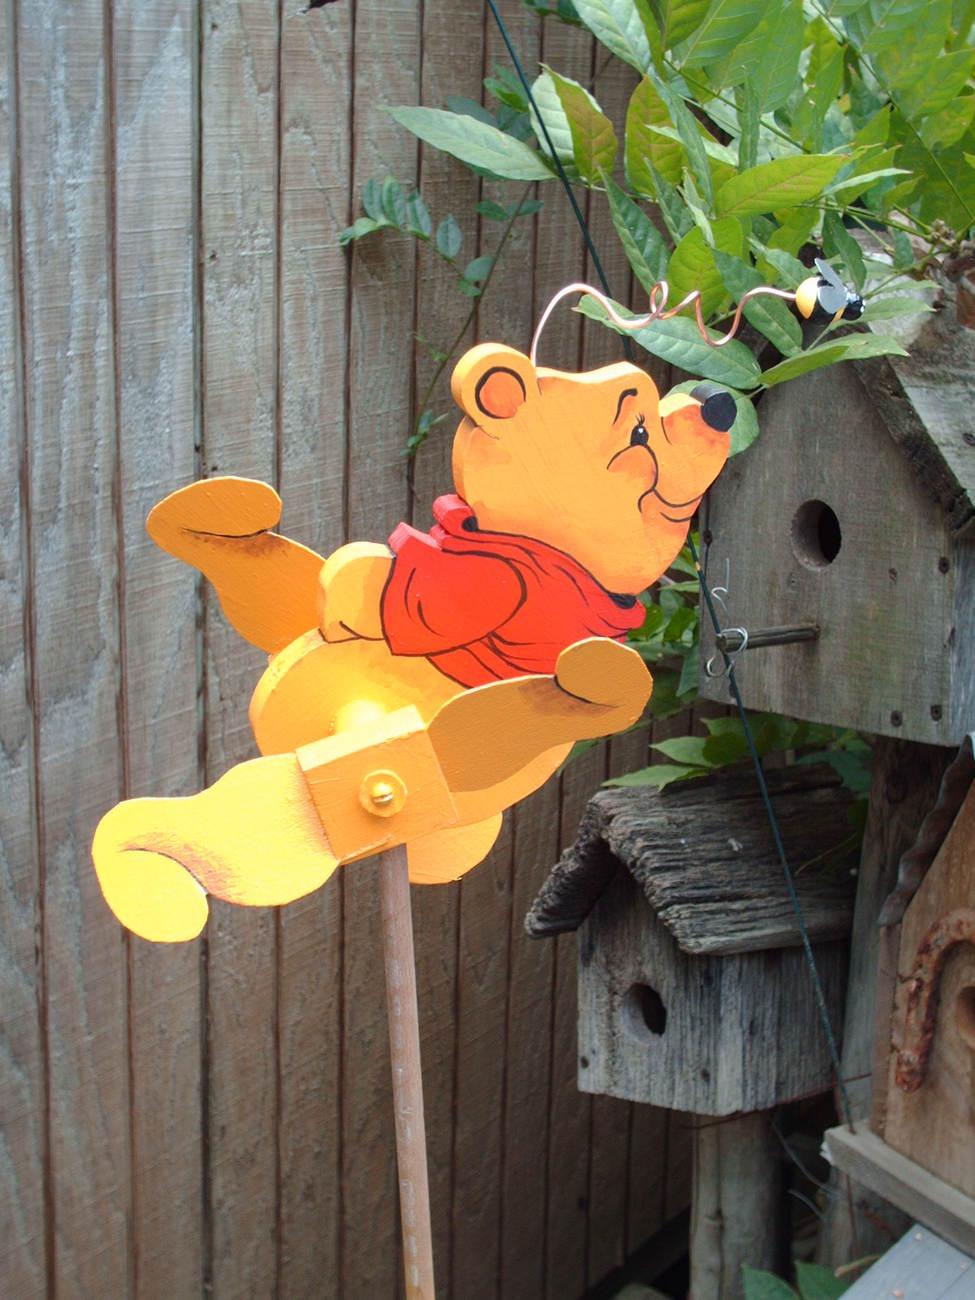 Pooh bear wgig